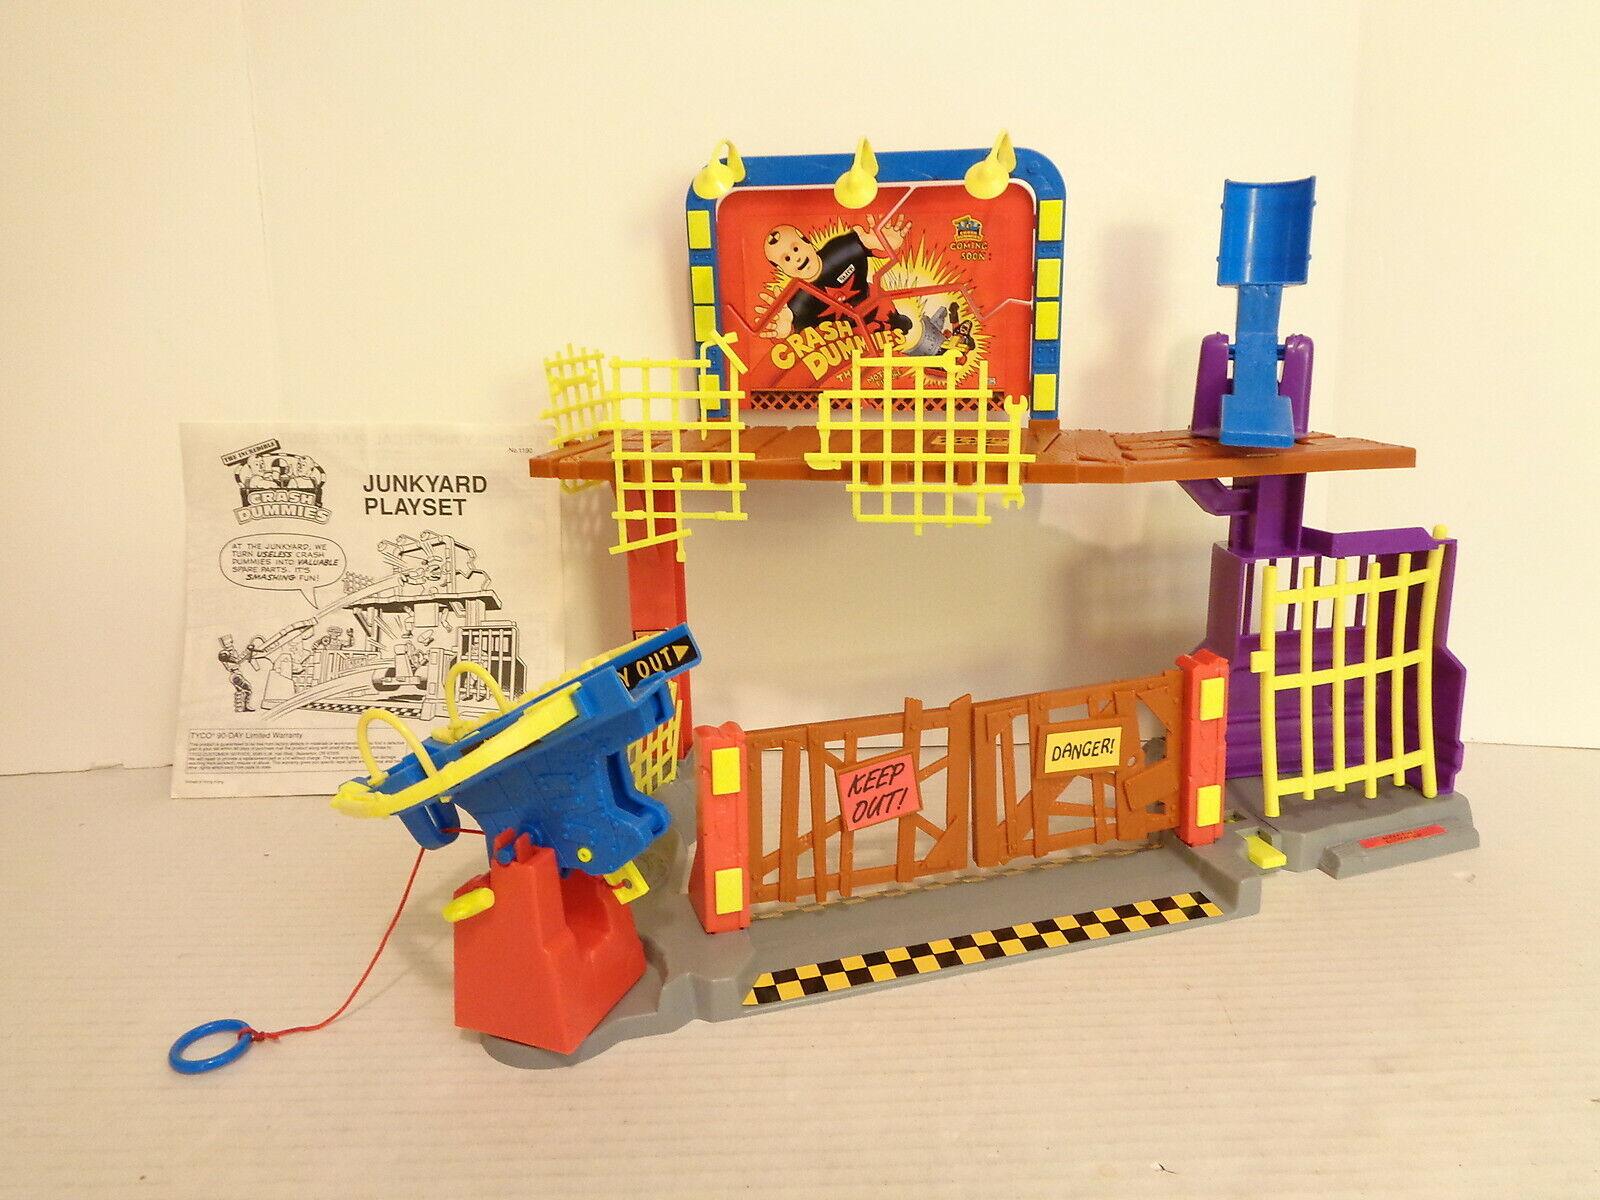 1993 Tyco Unglaubliche Crash Dummies Schrottplatz Wirkungfigur Spielset Komplett